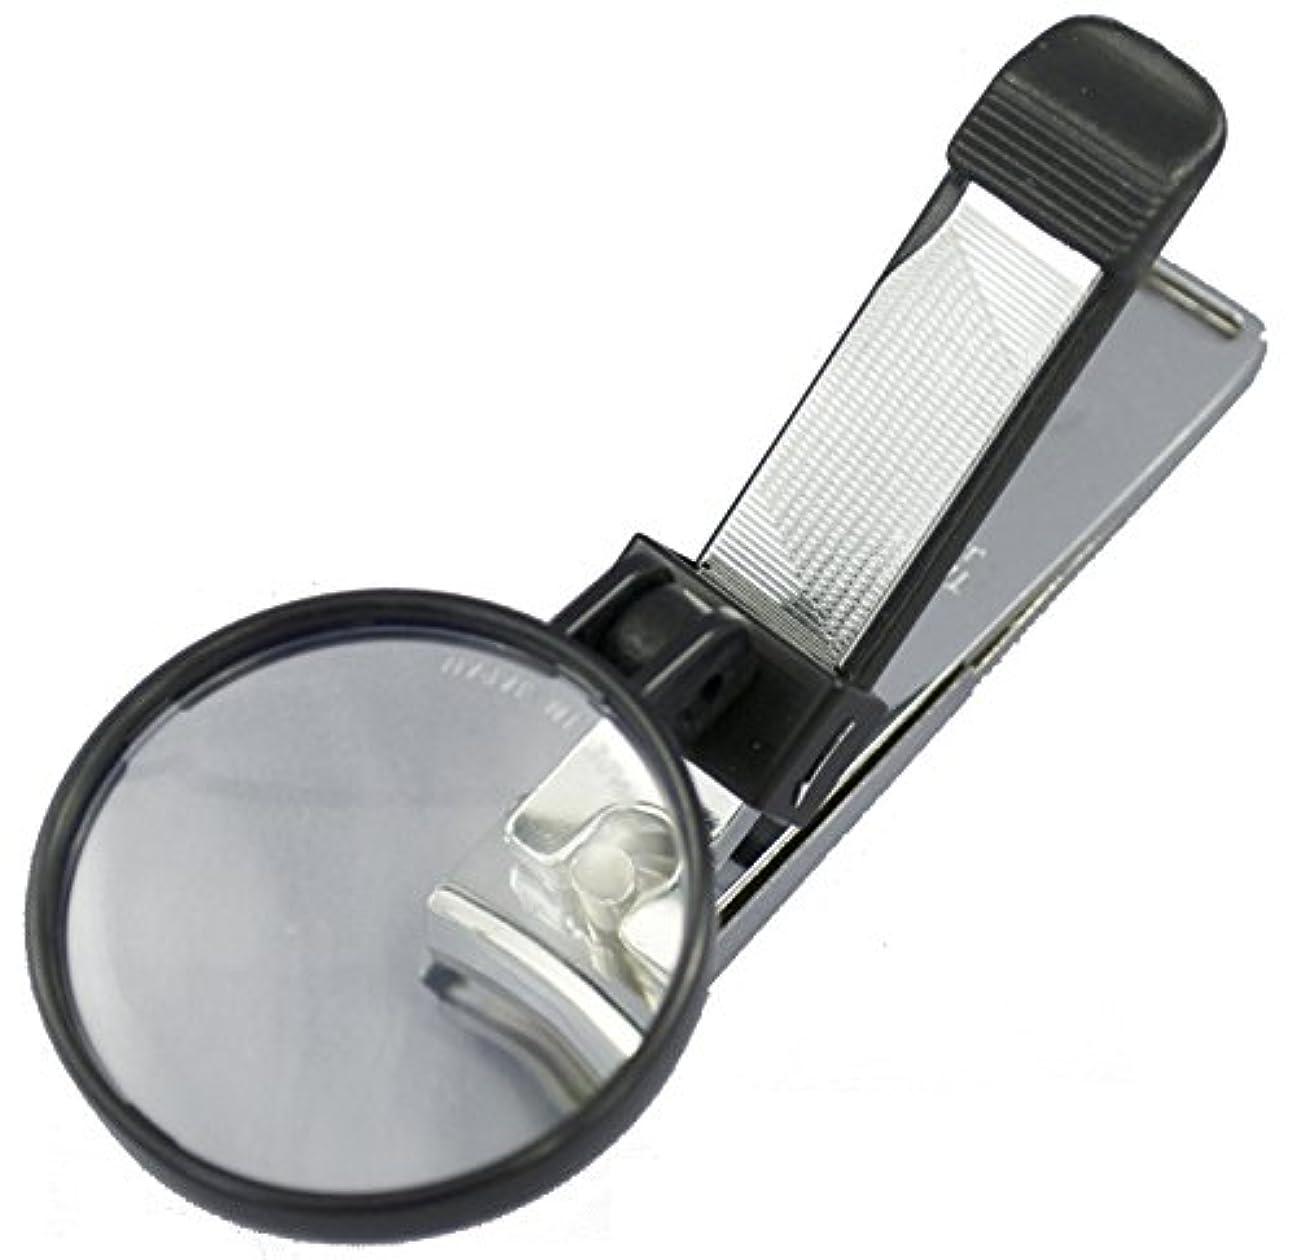 ライラックセンター探す日本製 拡大レンズ付 爪切り 足爪くん mir 1500L